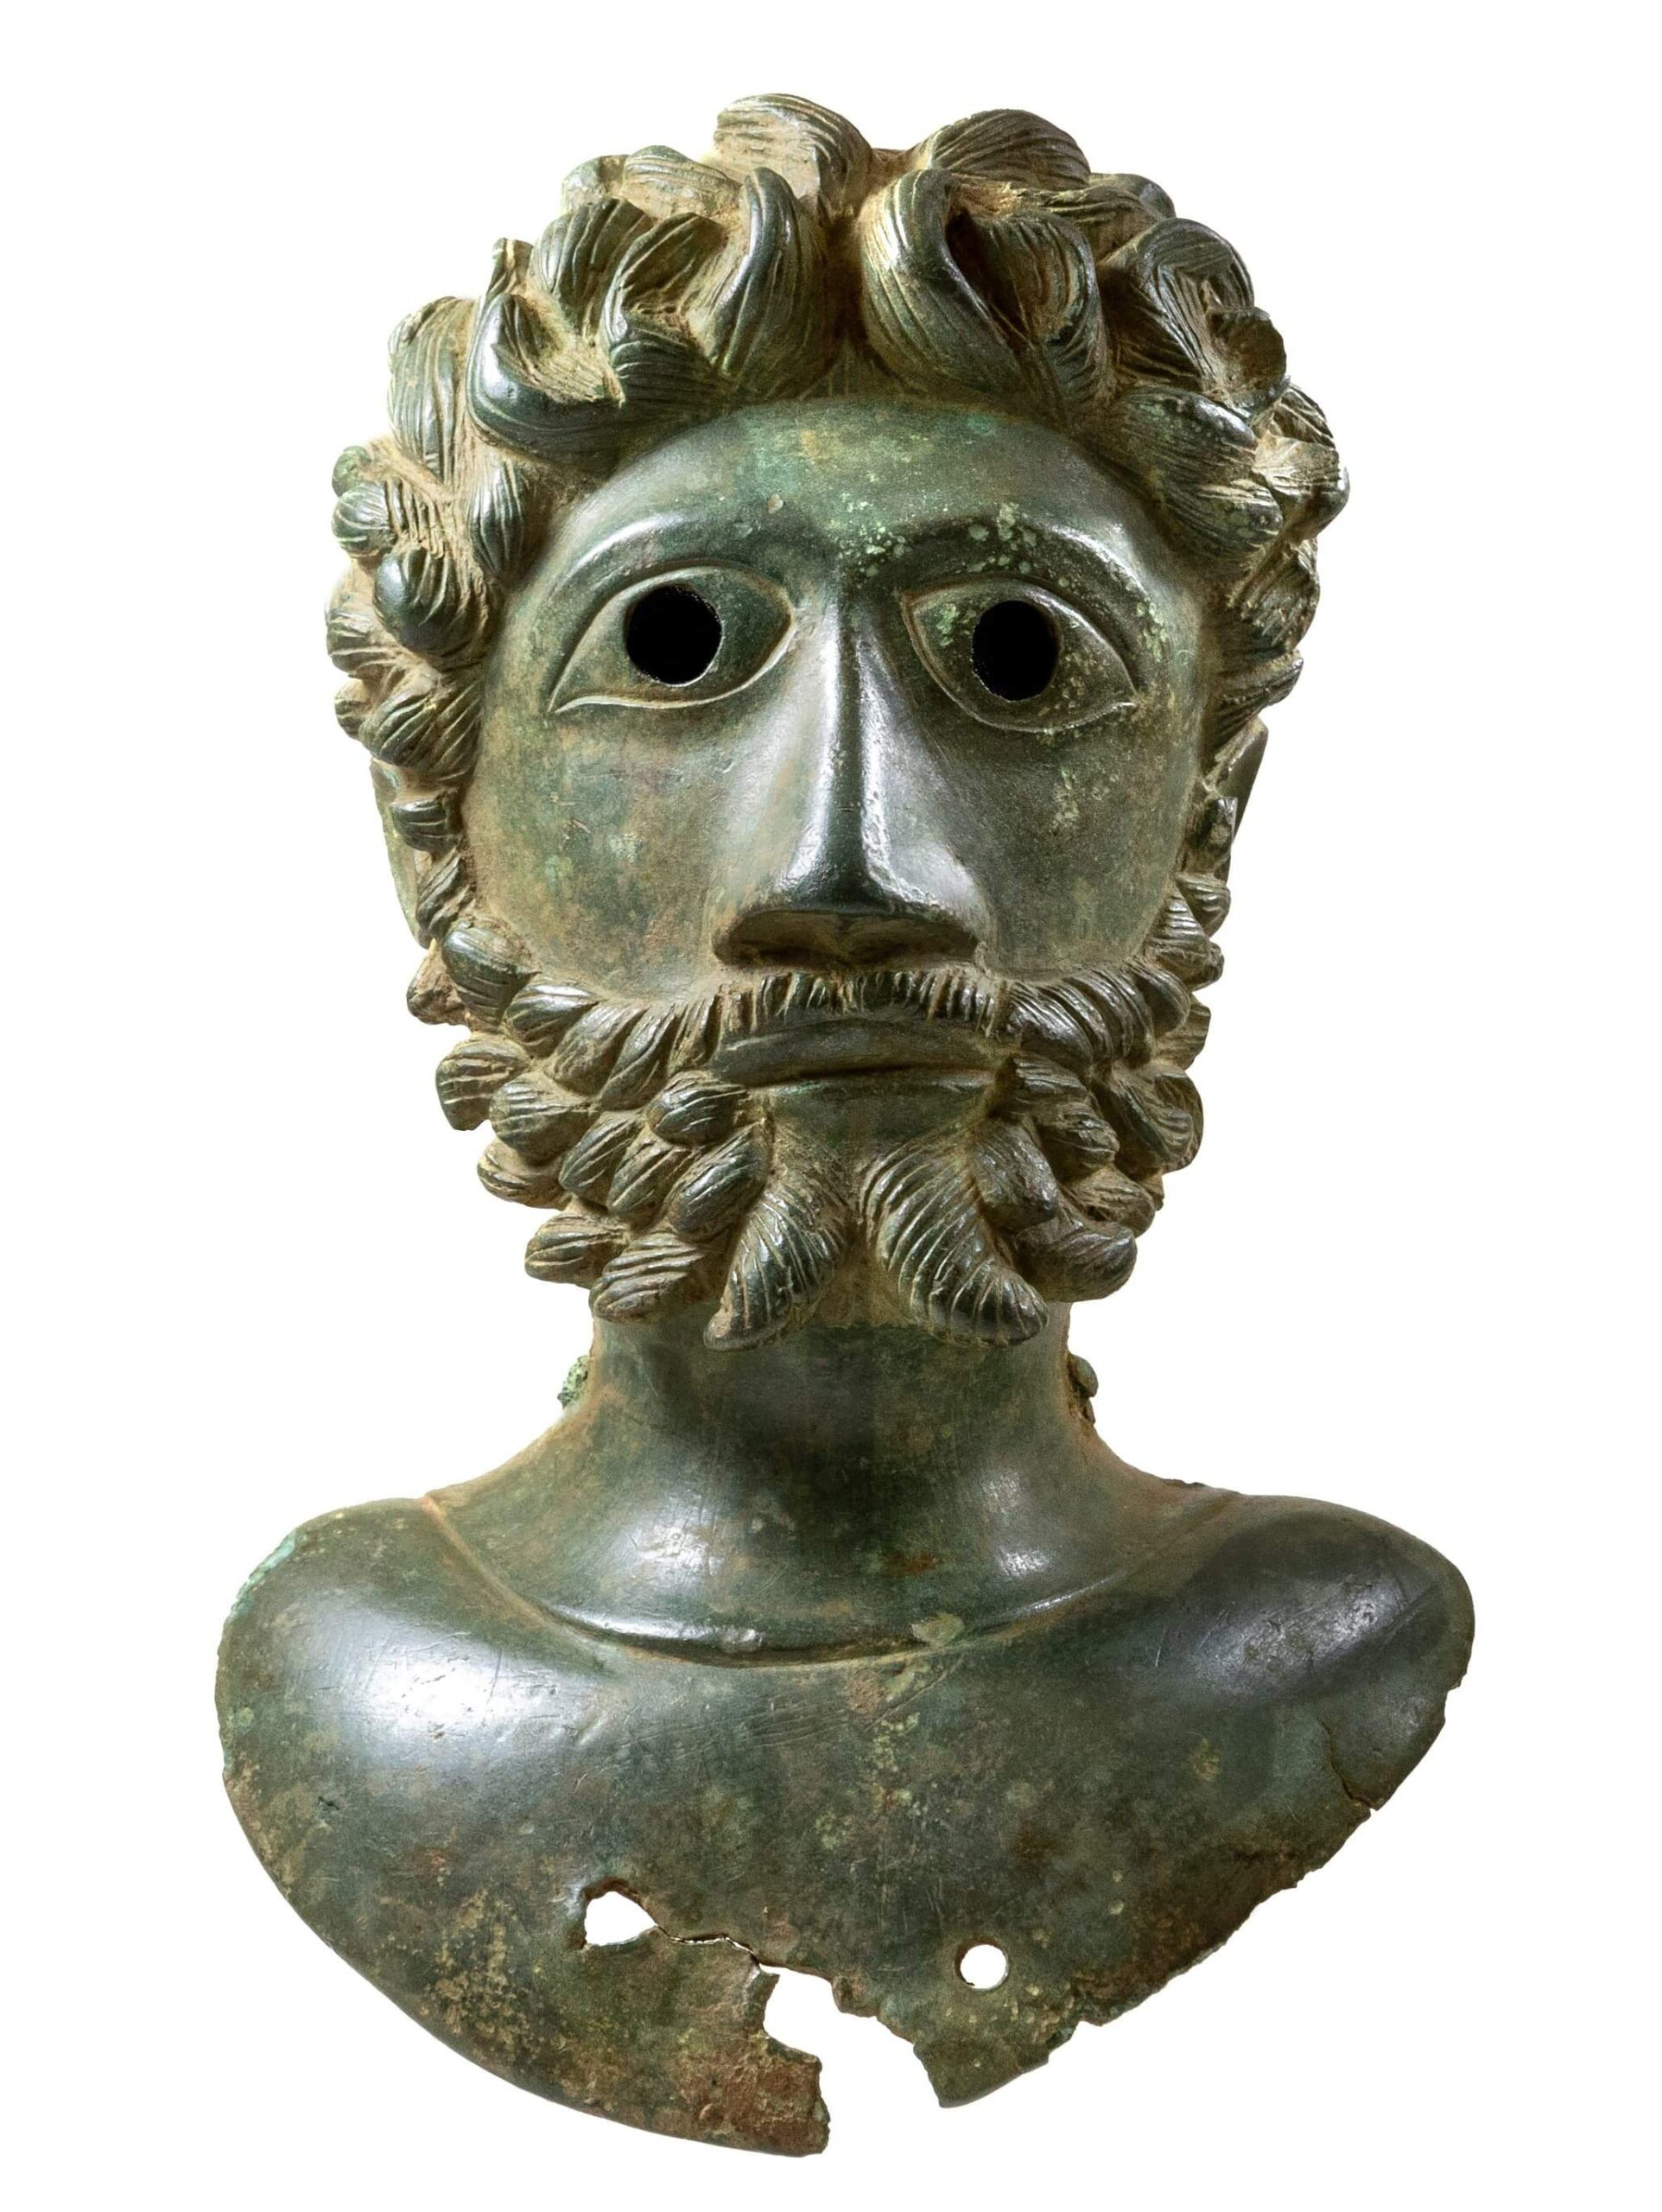 Bust of Roman Emperor Marcus Aurelius